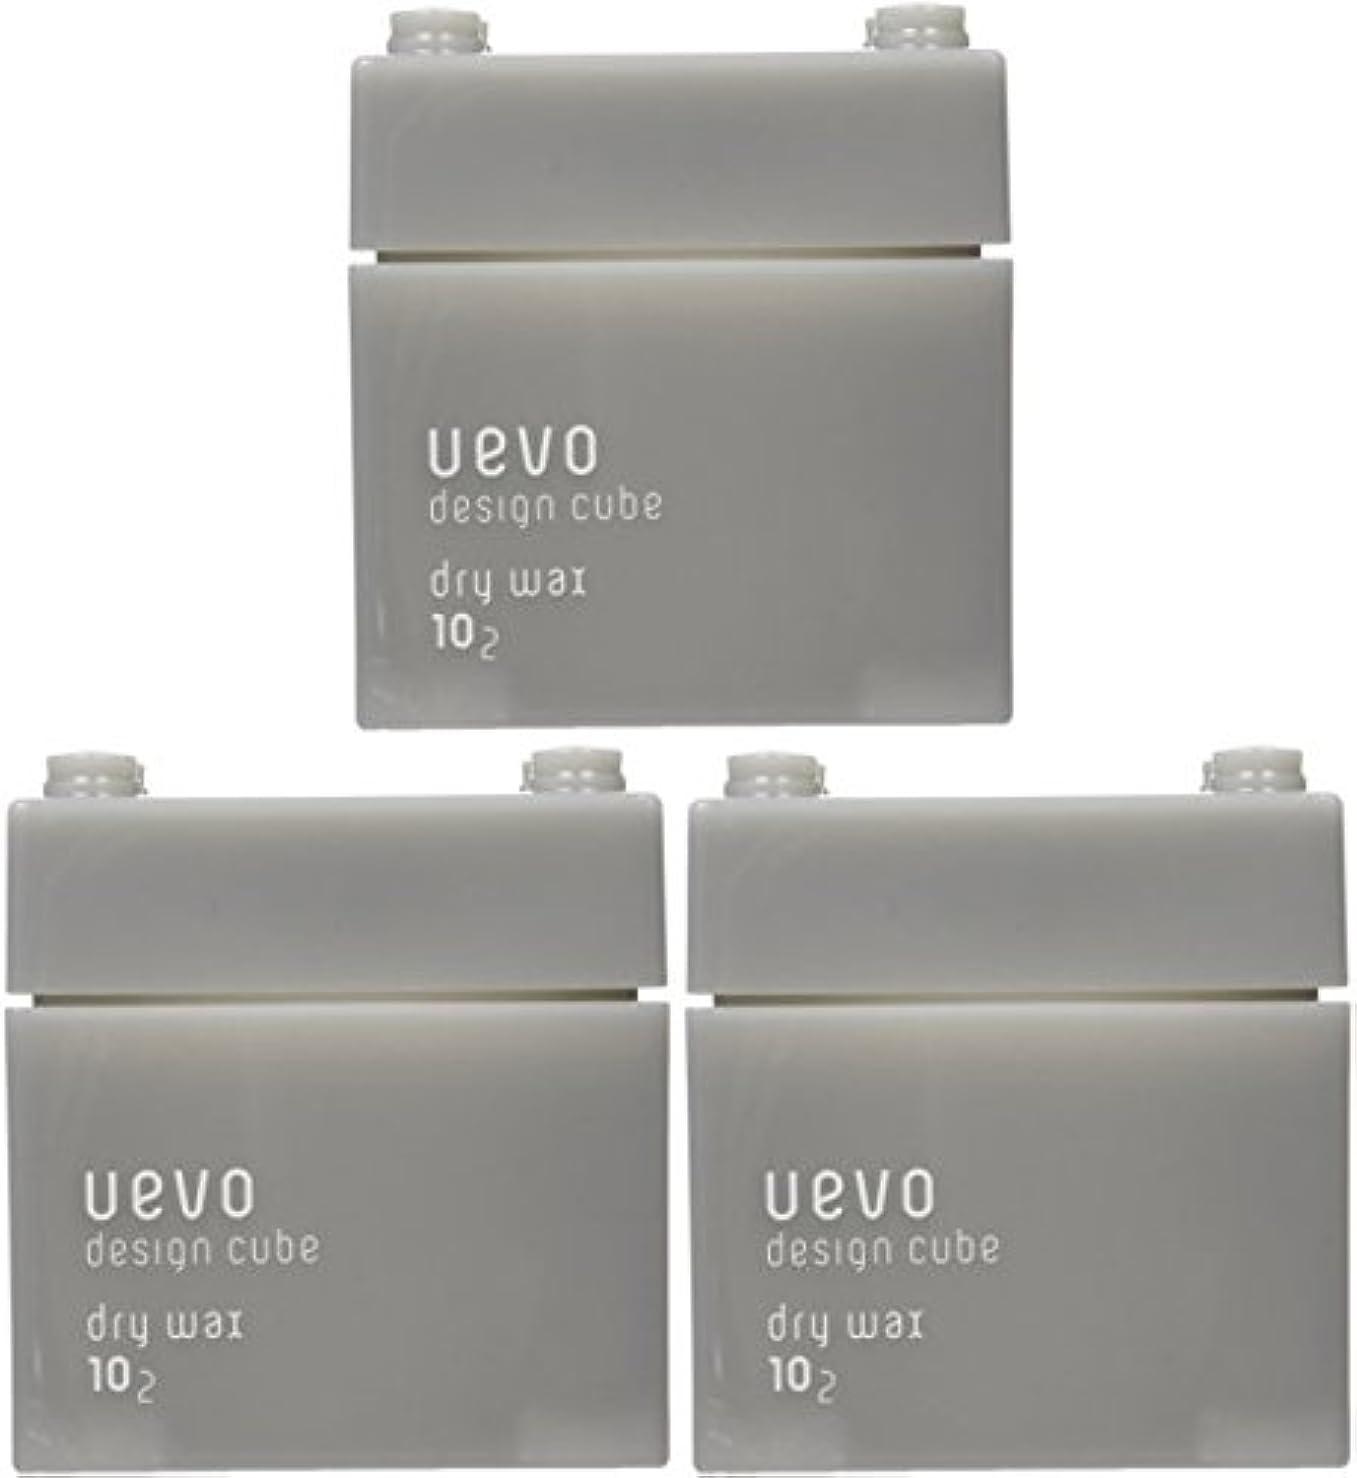 サイドボード請求可能控えめな【X3個セット】 デミ ウェーボ デザインキューブ ドライワックス 80g dry wax DEMI uevo design cube